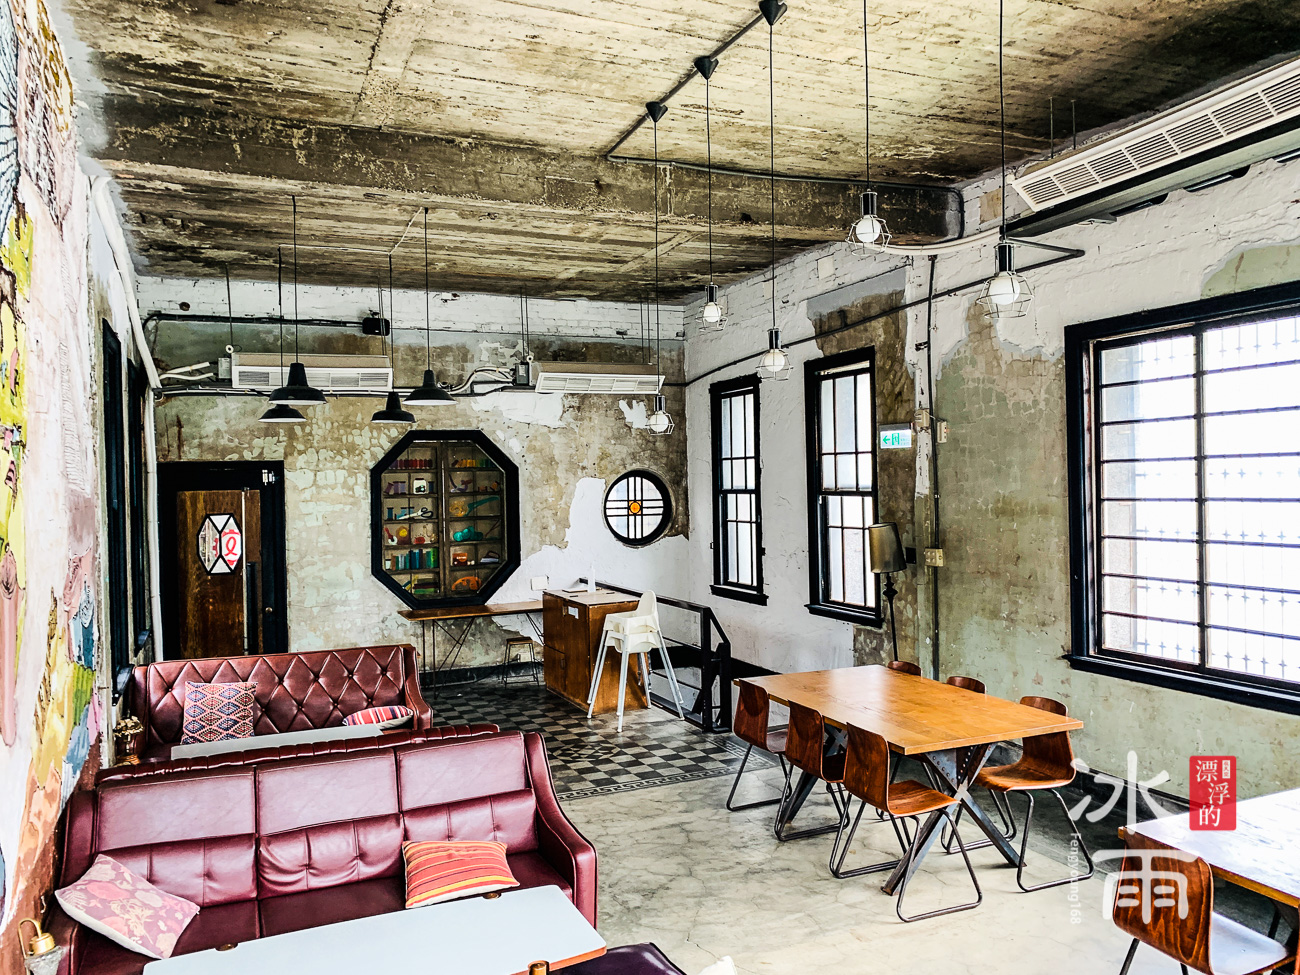 三樓整體空間都有這種簡單的氛圍,非常清爽又帶著歷史感